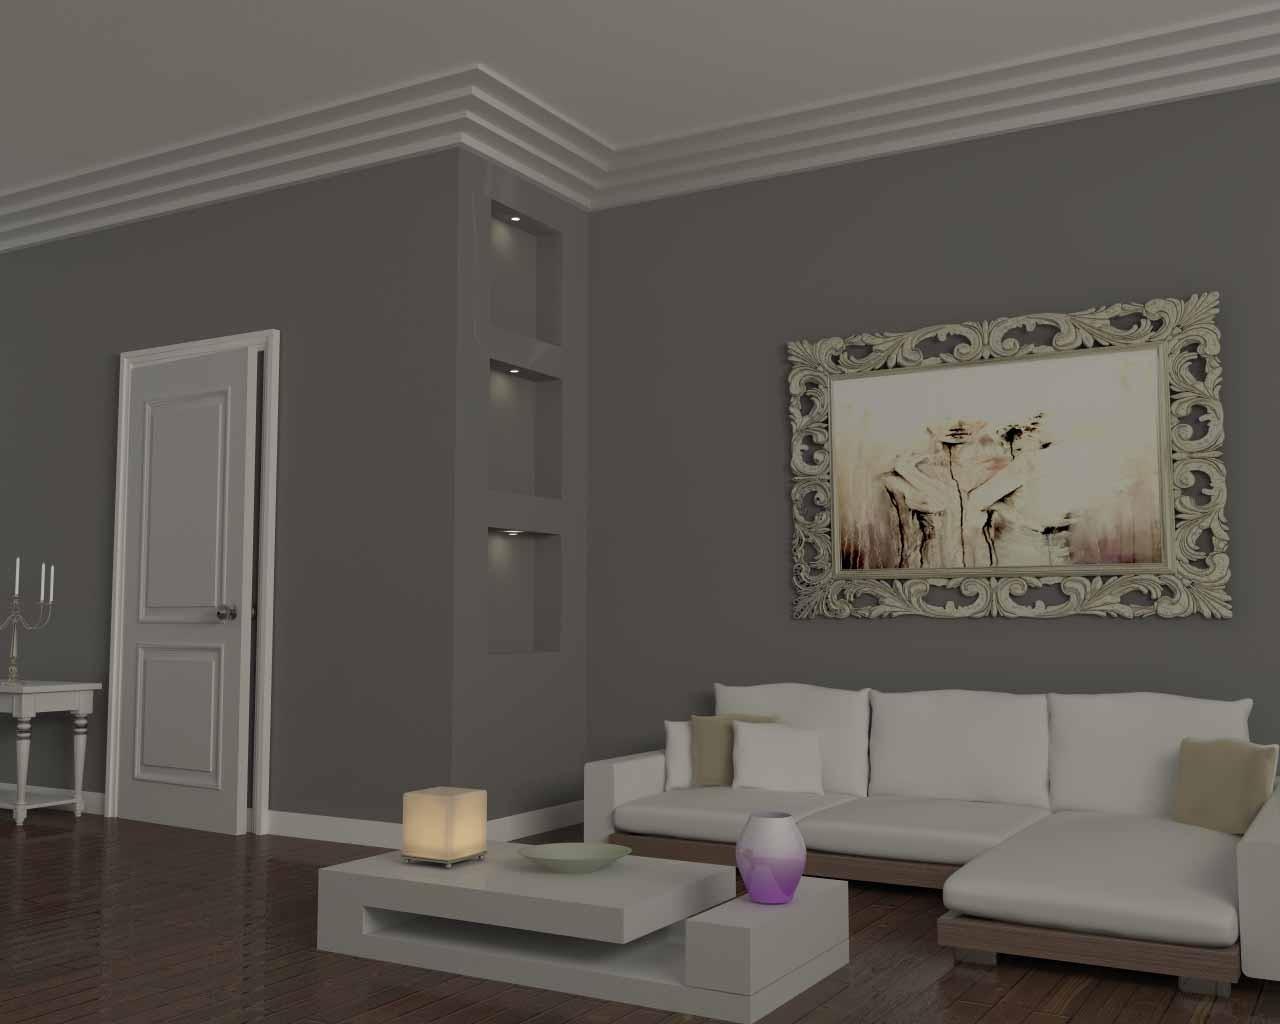 corniche plafond moderne 3 cb531 corniche plafond orac decor 4 2 x 2 6 cm bo te enti re. Black Bedroom Furniture Sets. Home Design Ideas